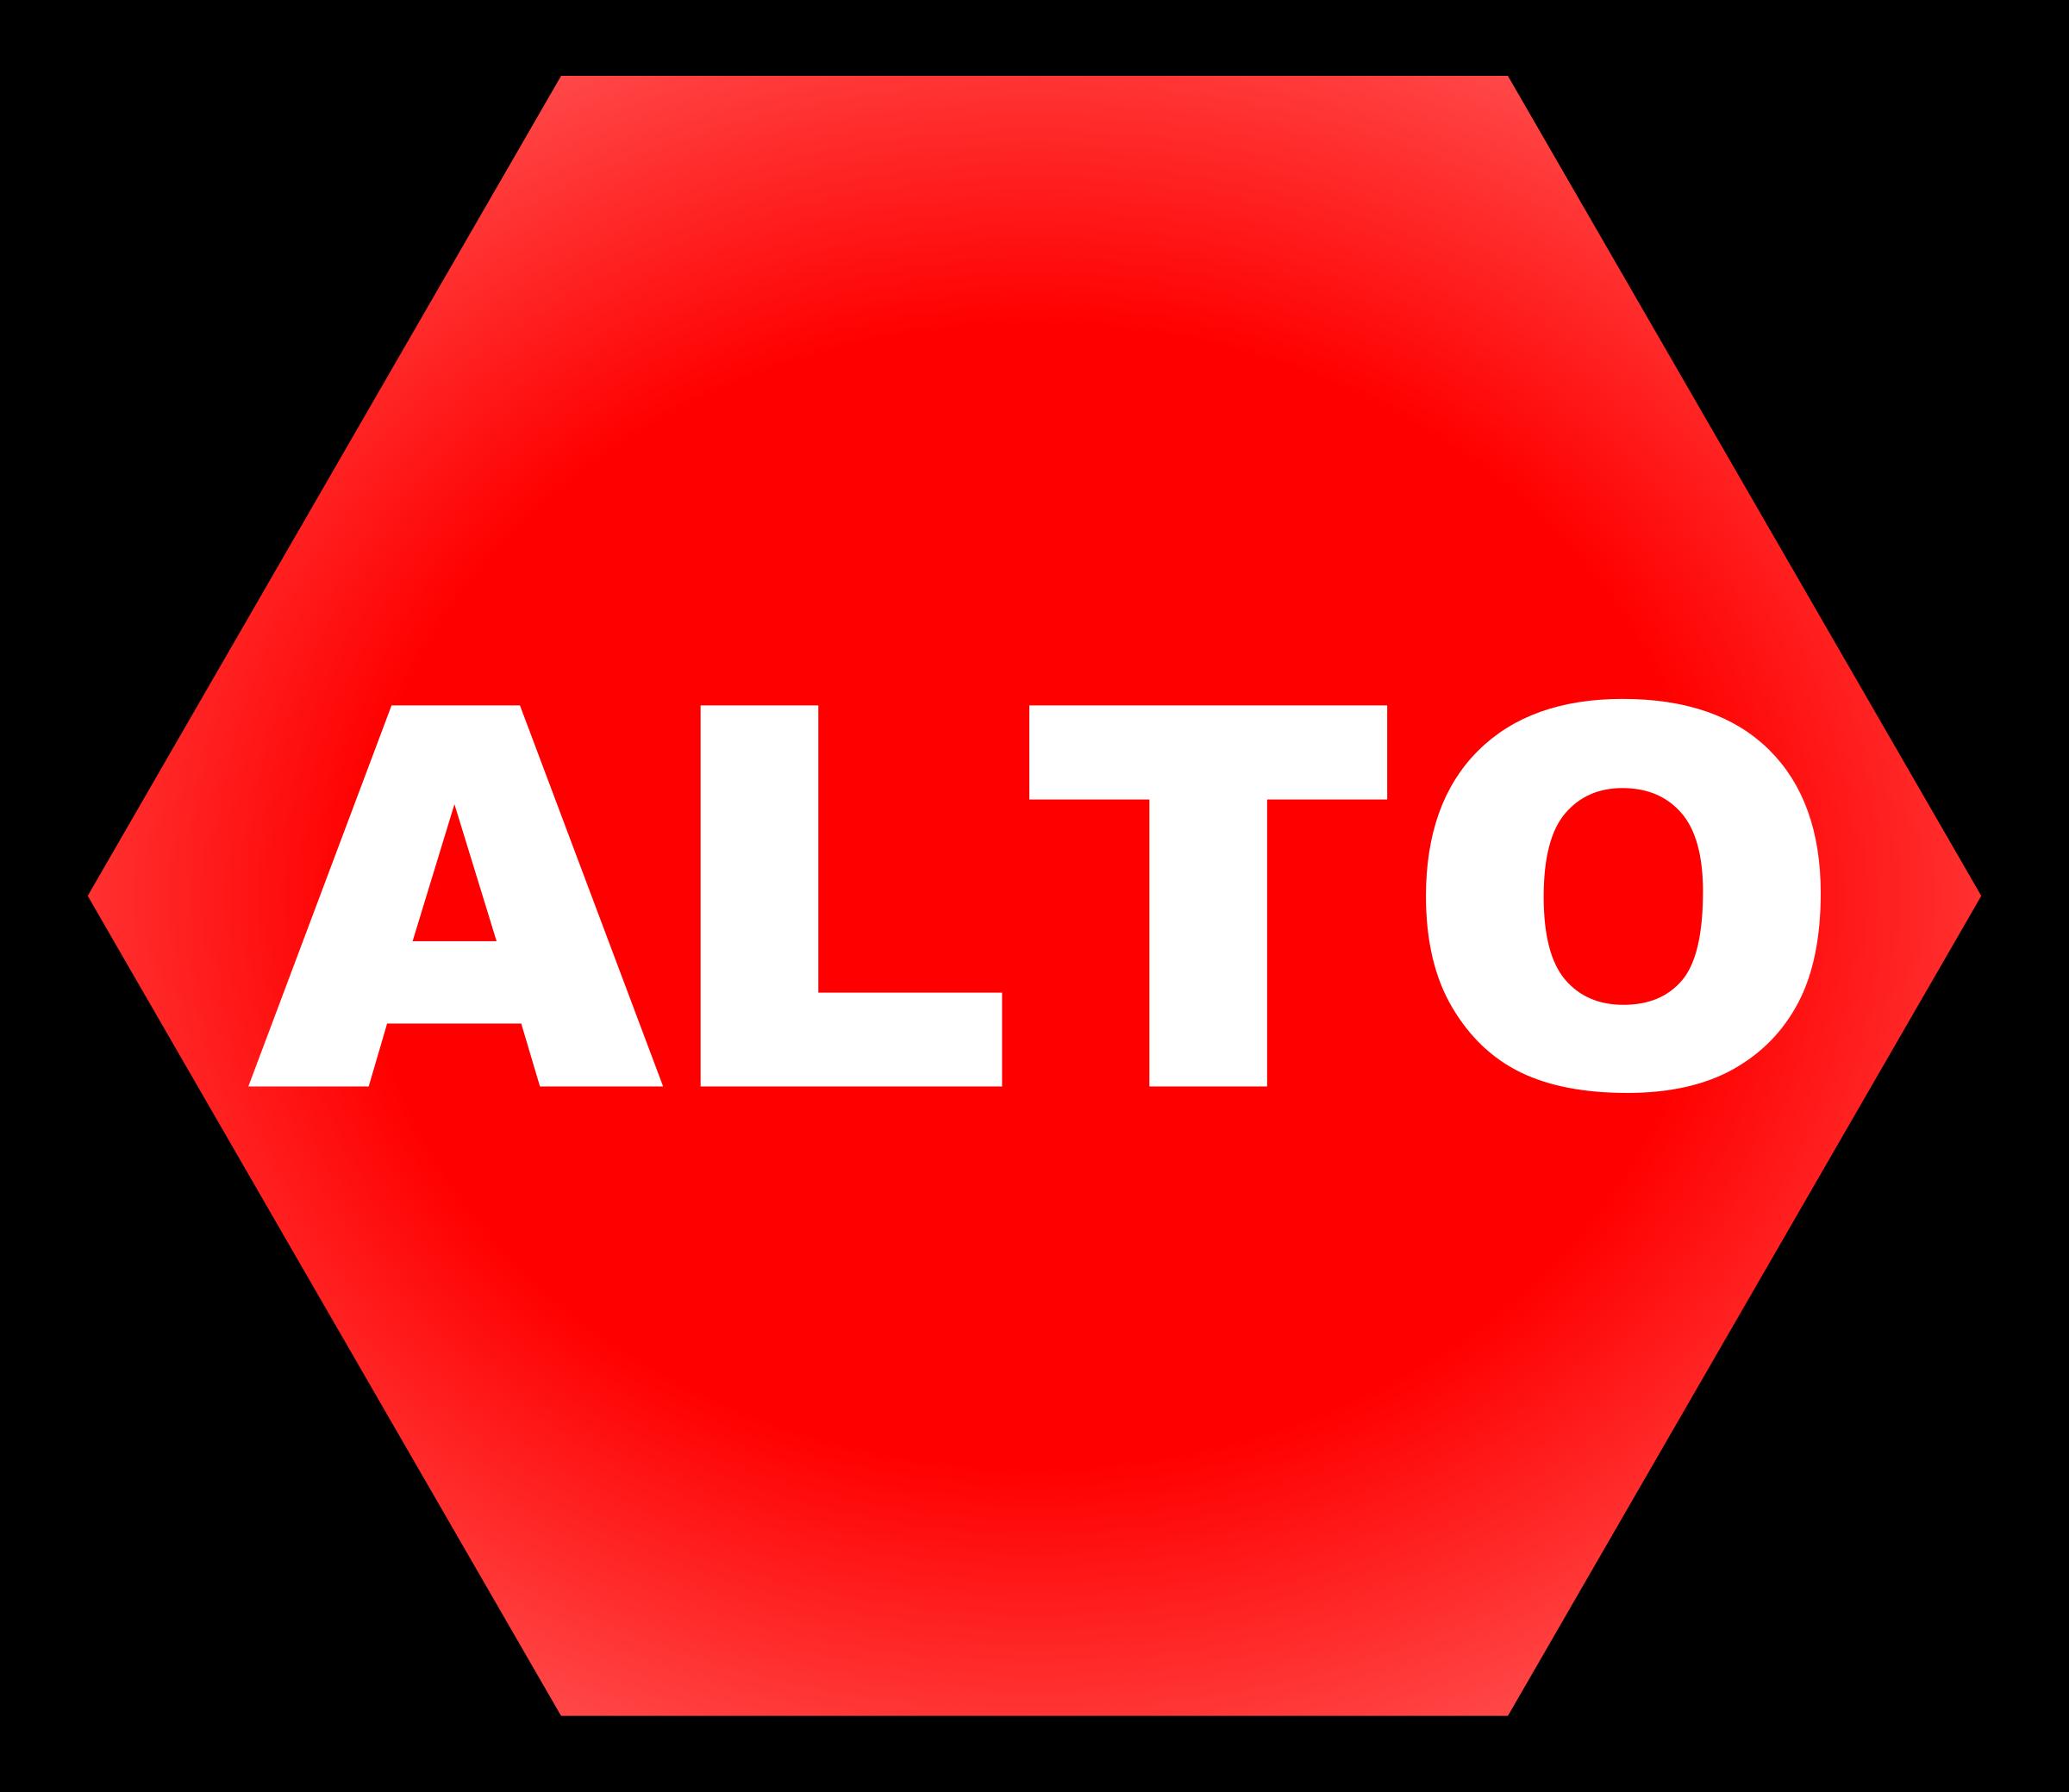 Clipart - Stop signal - Señal de Alto